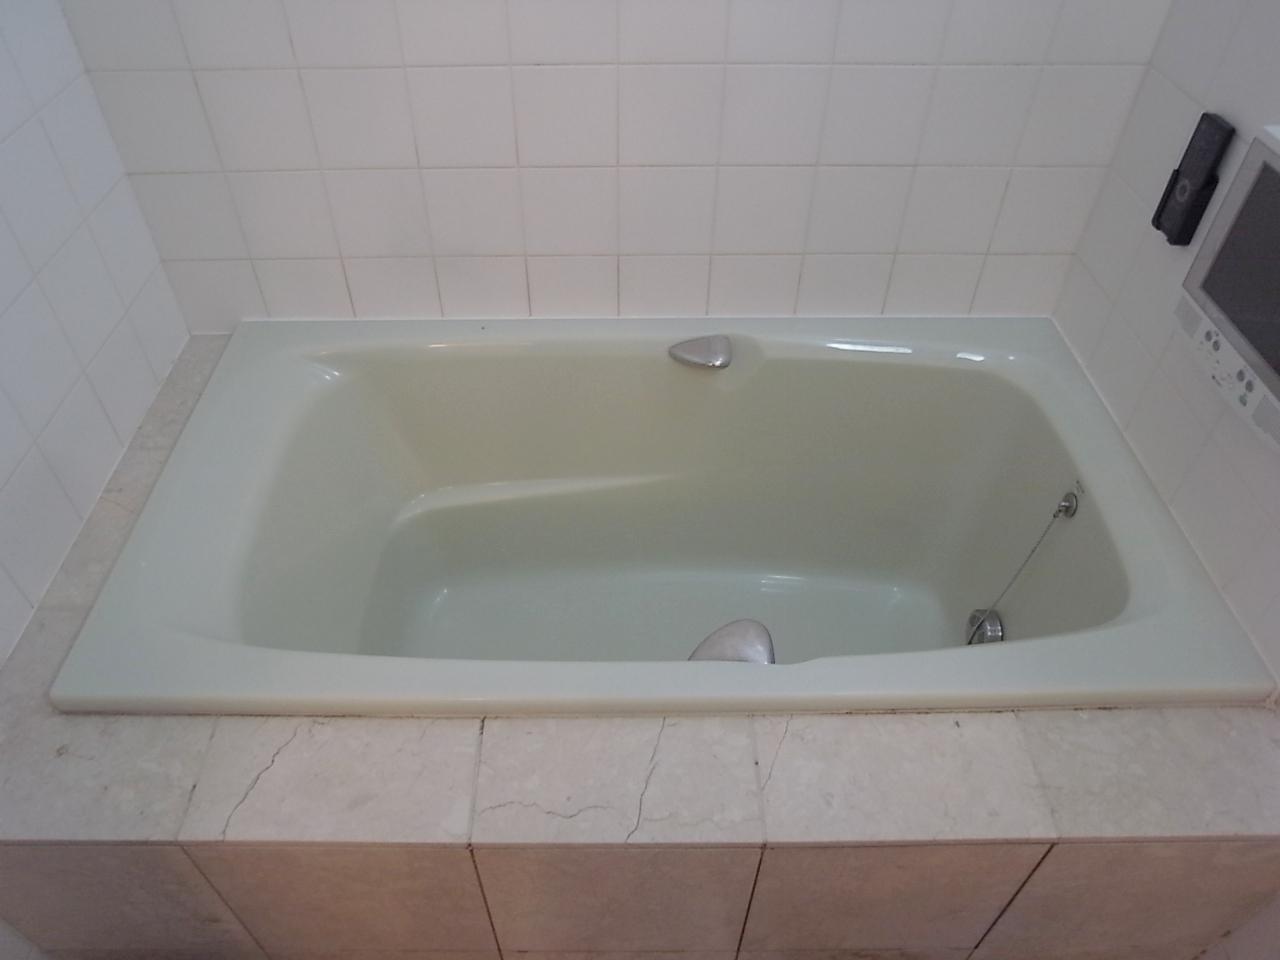 重装備でもシースルーでもなくなったけど、在来工法が素敵なお風呂さ。